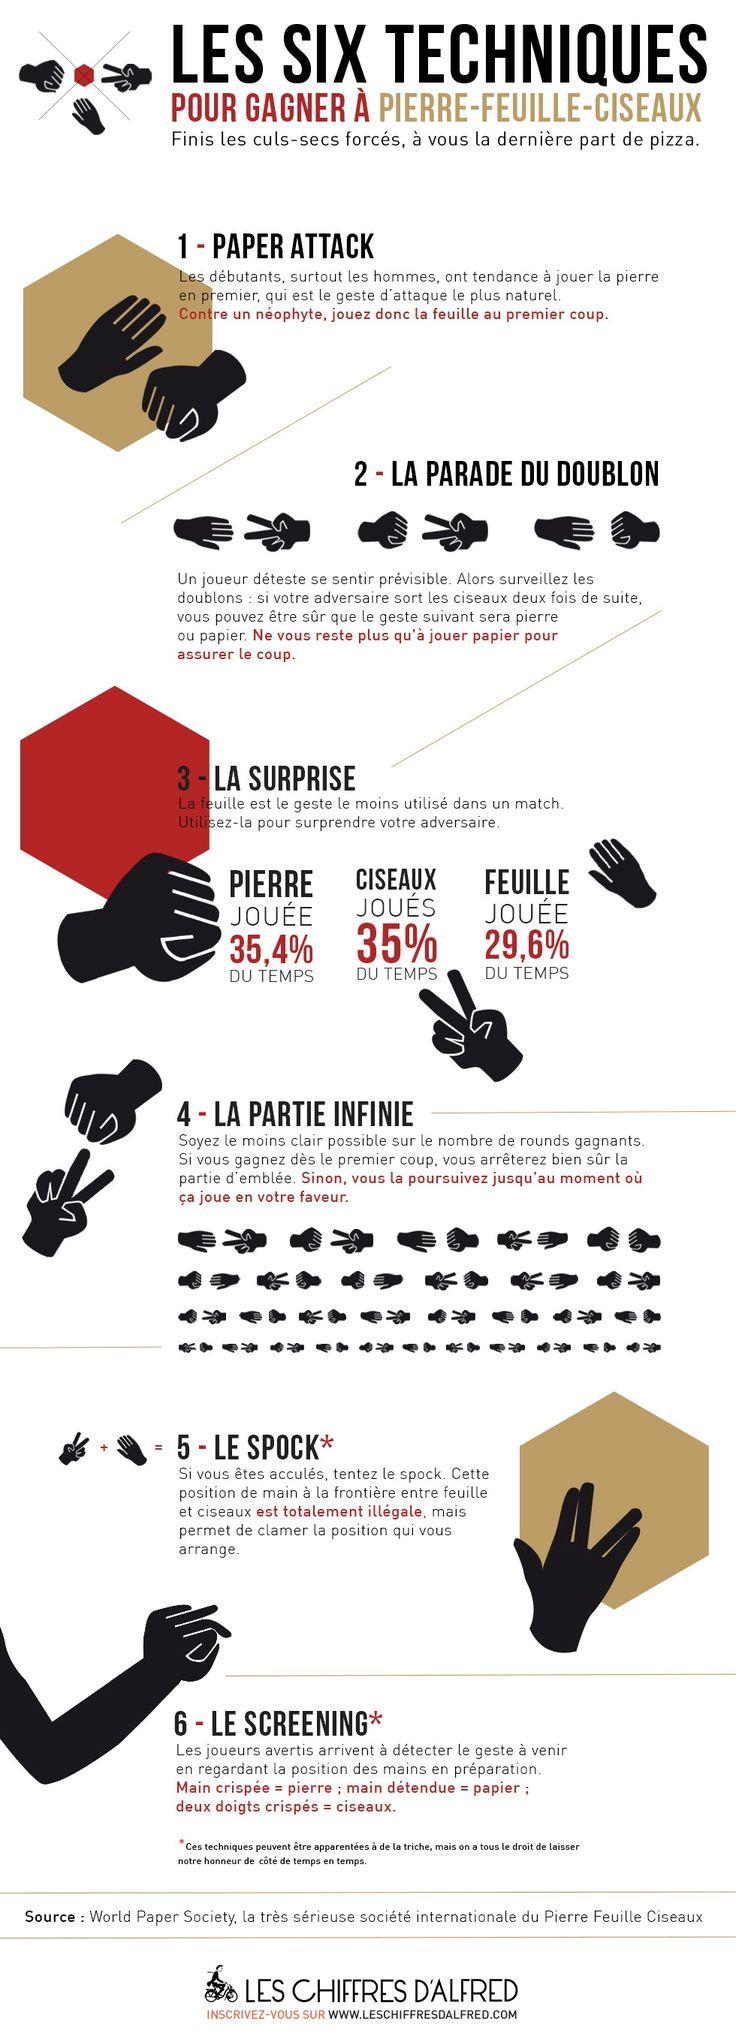 Les six techniques pour gagner Pierre-Feuille-Ciseaux - Chiffres - Merci Alfred